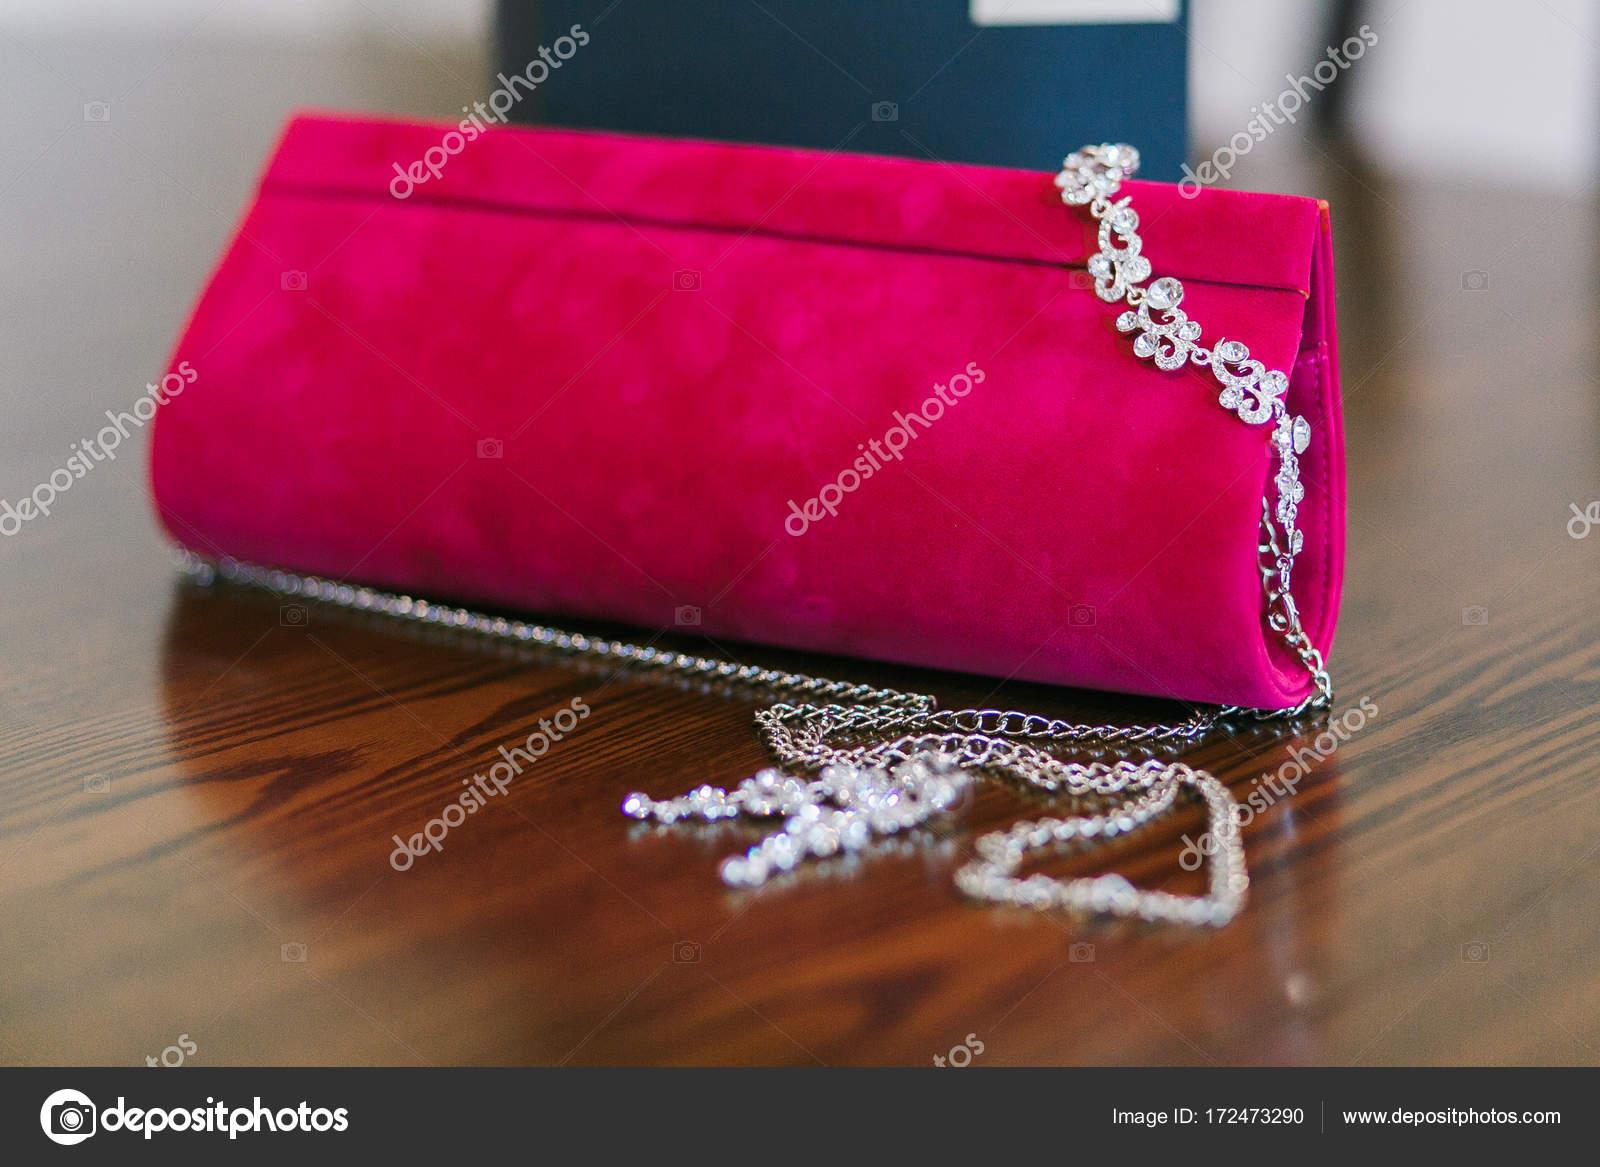 Houten Tafel Behandelen : Kleine rode fluwelen portemonnee met metalen ketting op houten